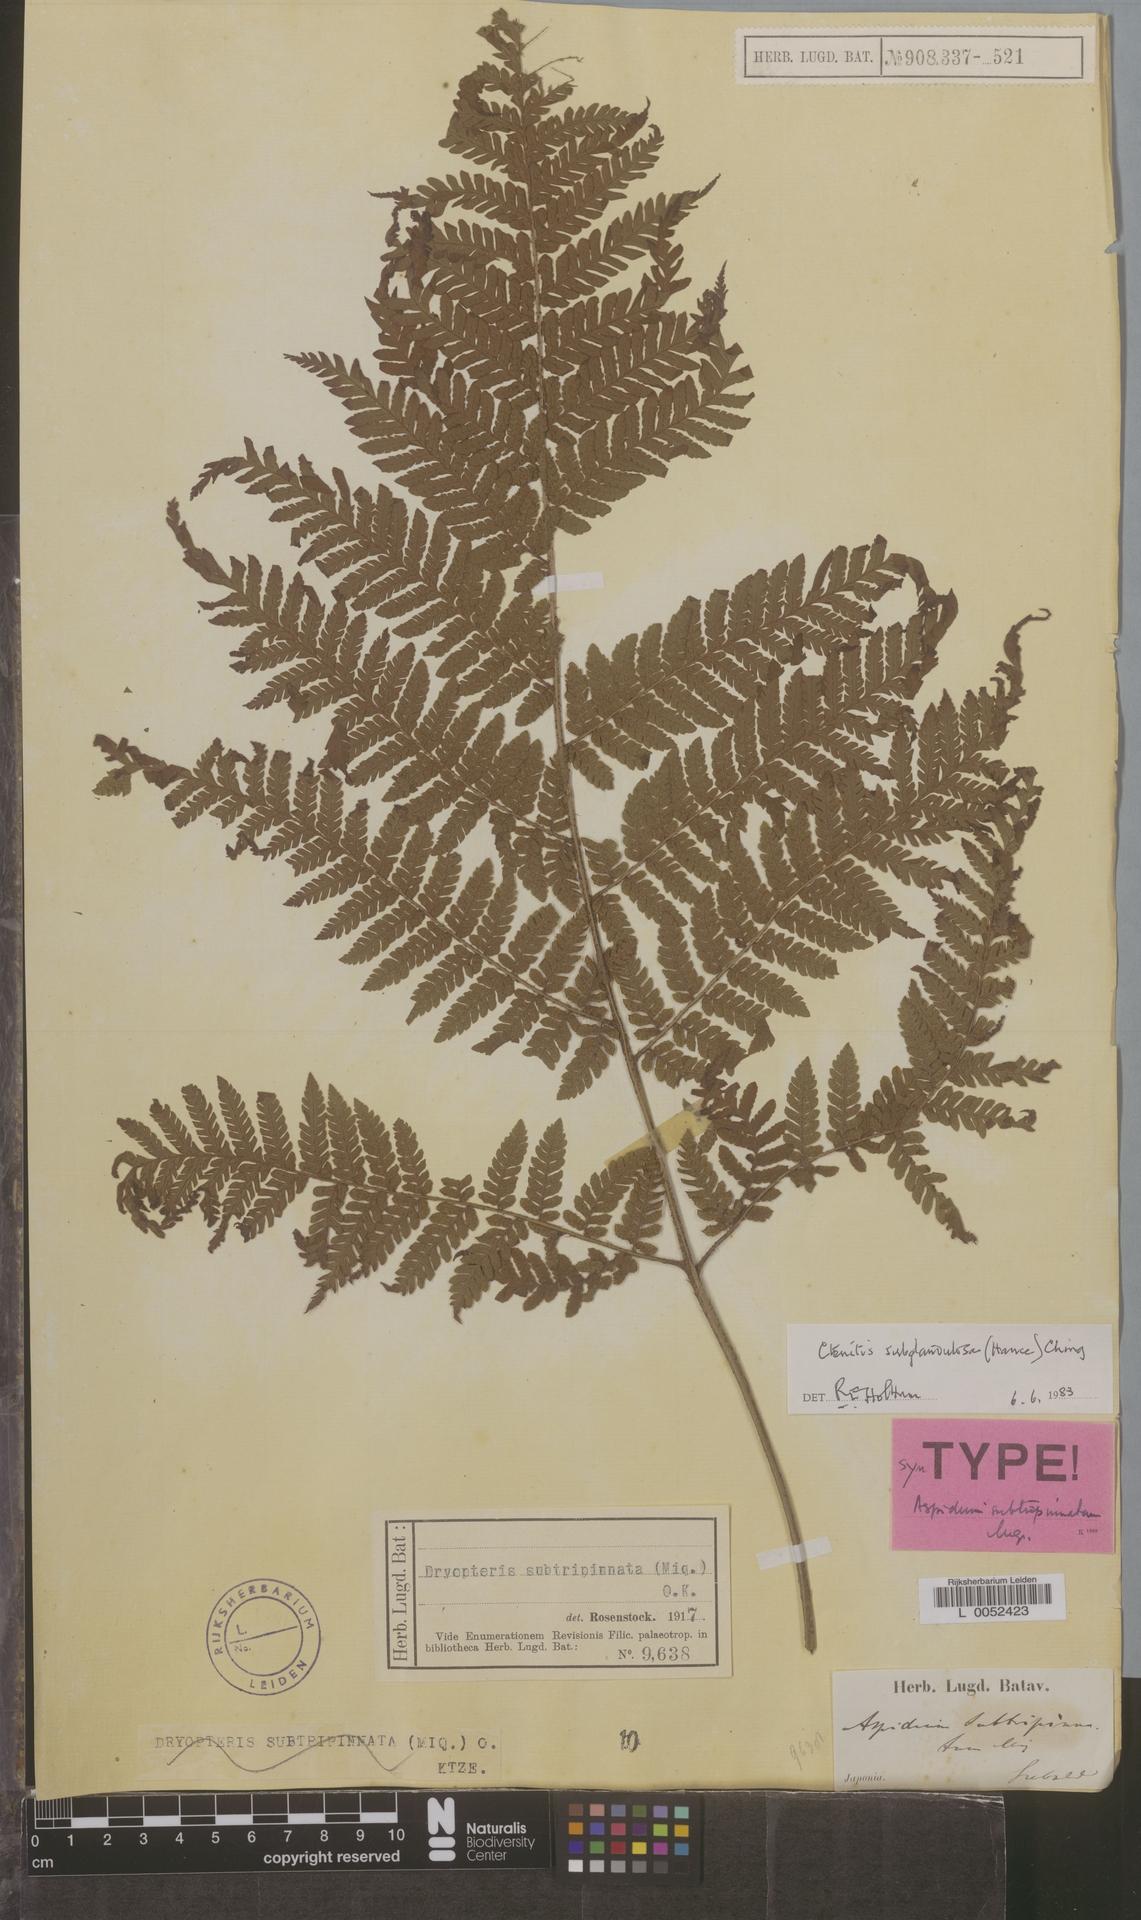 L  0052423 | Ctenitis subglandulosa (Hance) Ching